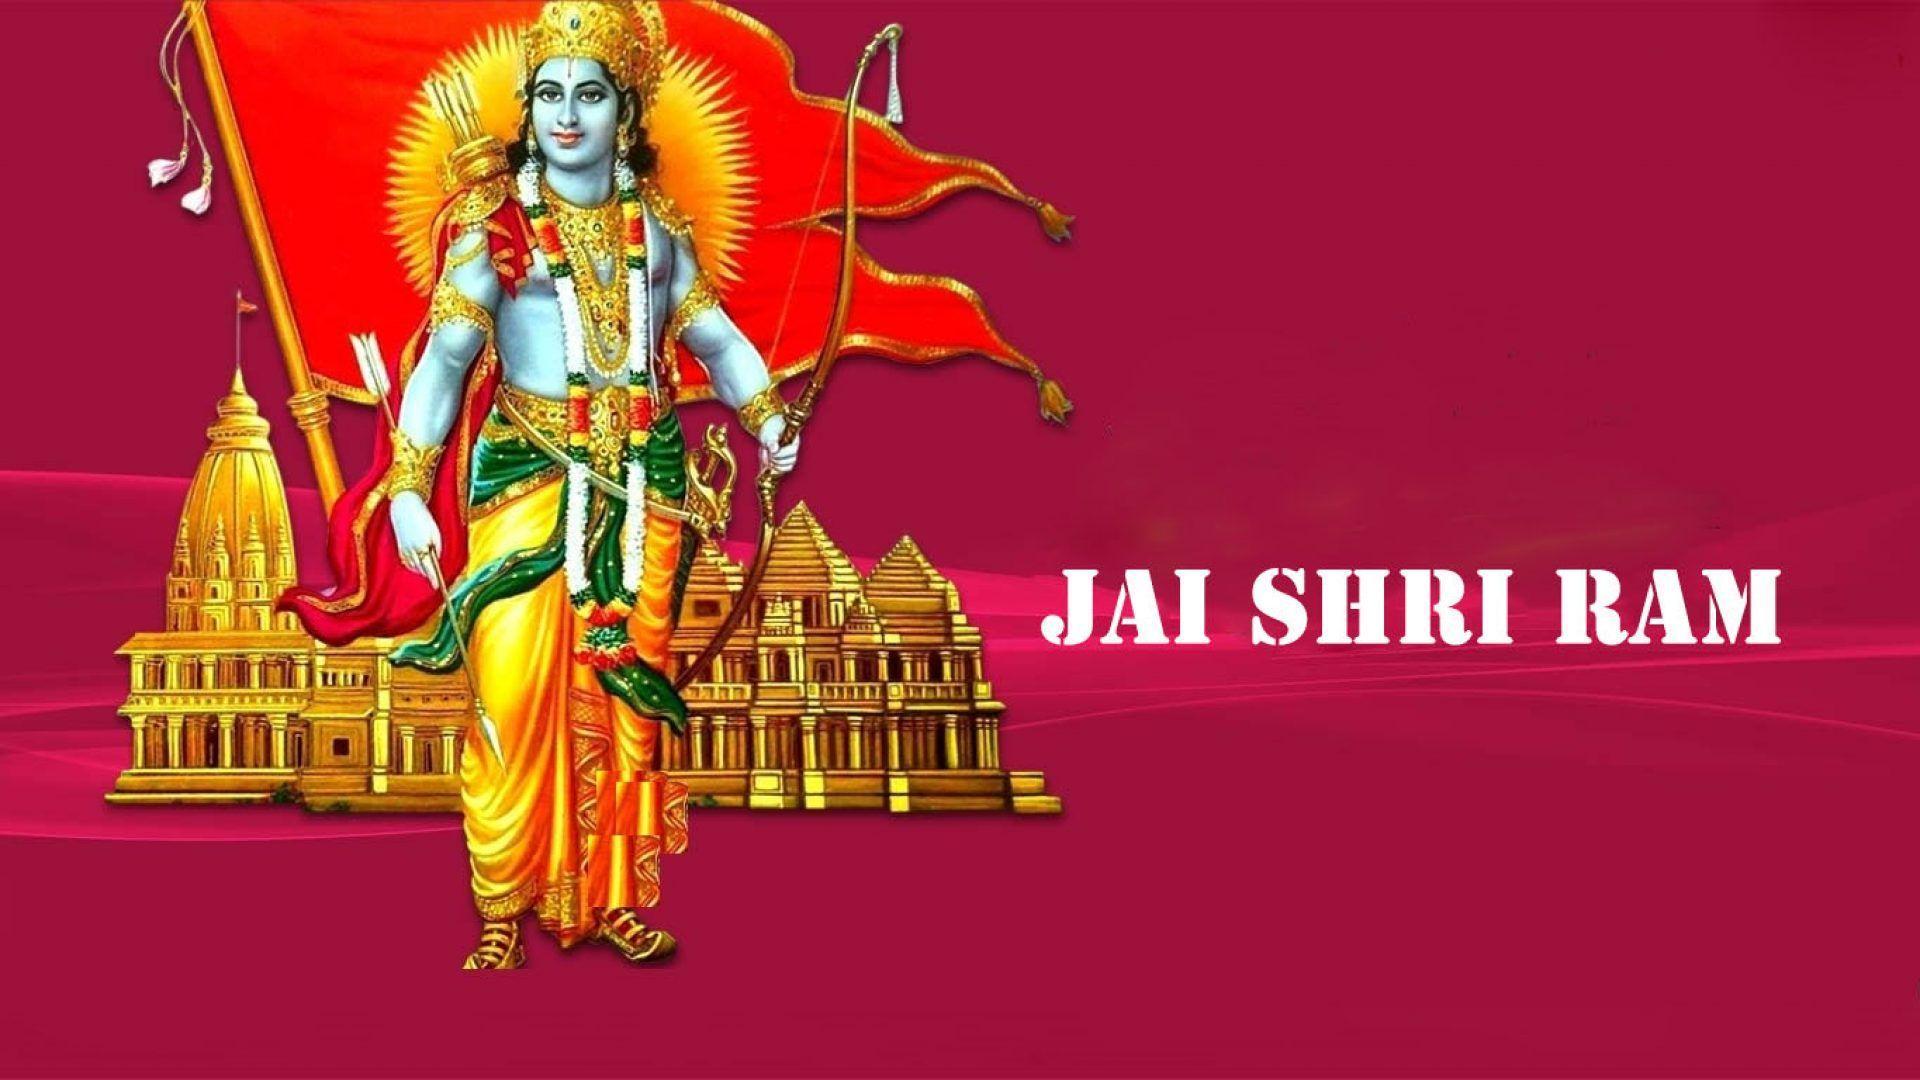 1920x1080 Jai Shri Ram Flag Image HD.  Các vị thần và nữ thần của đạo Hindu